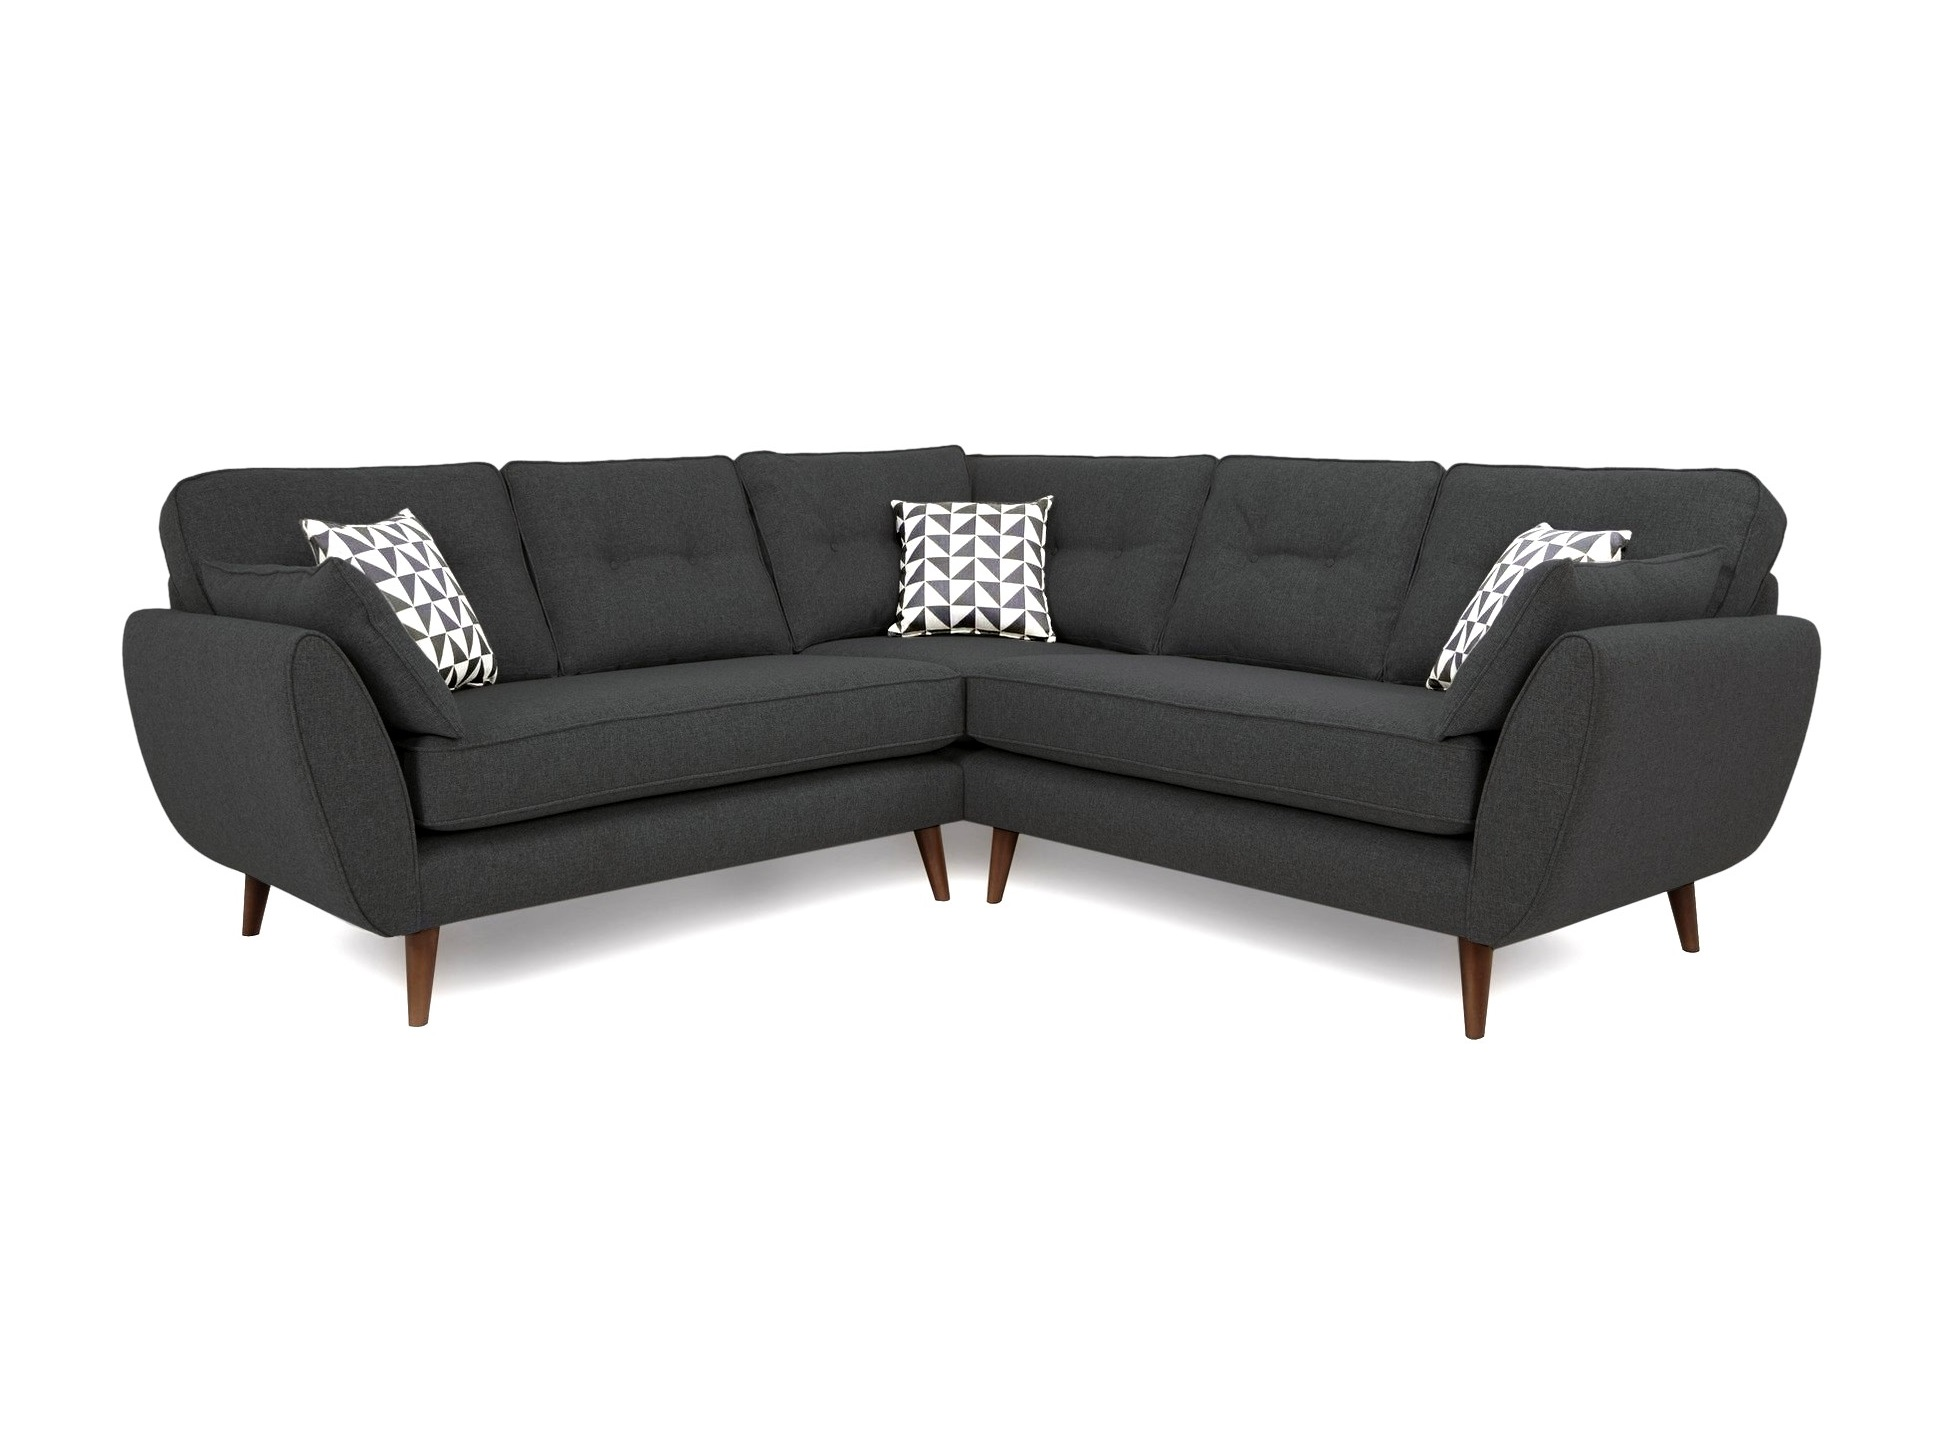 Угловой диван Vogue FullУгловые диваны<br>Современный диван с легким намеком на &amp;quot;ретро&amp;quot; идеально подойдет для городских квартир. У него скругленные подлокотники, упругие подушки и как раз та длина, чтобы вы могли вытянуться в полный рост. &amp;amp;nbsp;Но благодаря высоким ножкам &amp;quot;Vogue&amp;quot; выглядит лаконично и элегантно.&amp;lt;div&amp;gt;&amp;lt;br&amp;gt;&amp;lt;/div&amp;gt;&amp;lt;div&amp;gt;Корпус: фанера, брус&amp;lt;div&amp;gt;Ткань 100% полиэстер, 30-50 000 циклов&amp;lt;/div&amp;gt;&amp;lt;div&amp;gt;Ширина сторон: 227х227 см&amp;lt;/div&amp;gt;&amp;lt;div&amp;gt;Ножки (Дерево)&amp;lt;/div&amp;gt;&amp;lt;div&amp;gt;&amp;lt;span style=&amp;quot;font-weight: 700;&amp;quot;&amp;gt;При заказе уточняйте сторону угла (левый или правый)!&amp;lt;/span&amp;gt;&amp;lt;/div&amp;gt;&amp;lt;div&amp;gt;Еcть возможность изготовления в другом материале обивки&amp;lt;/div&amp;gt;&amp;lt;/div&amp;gt;<br><br>Material: Текстиль<br>Ширина см: 227<br>Высота см: 88<br>Глубина см: 91